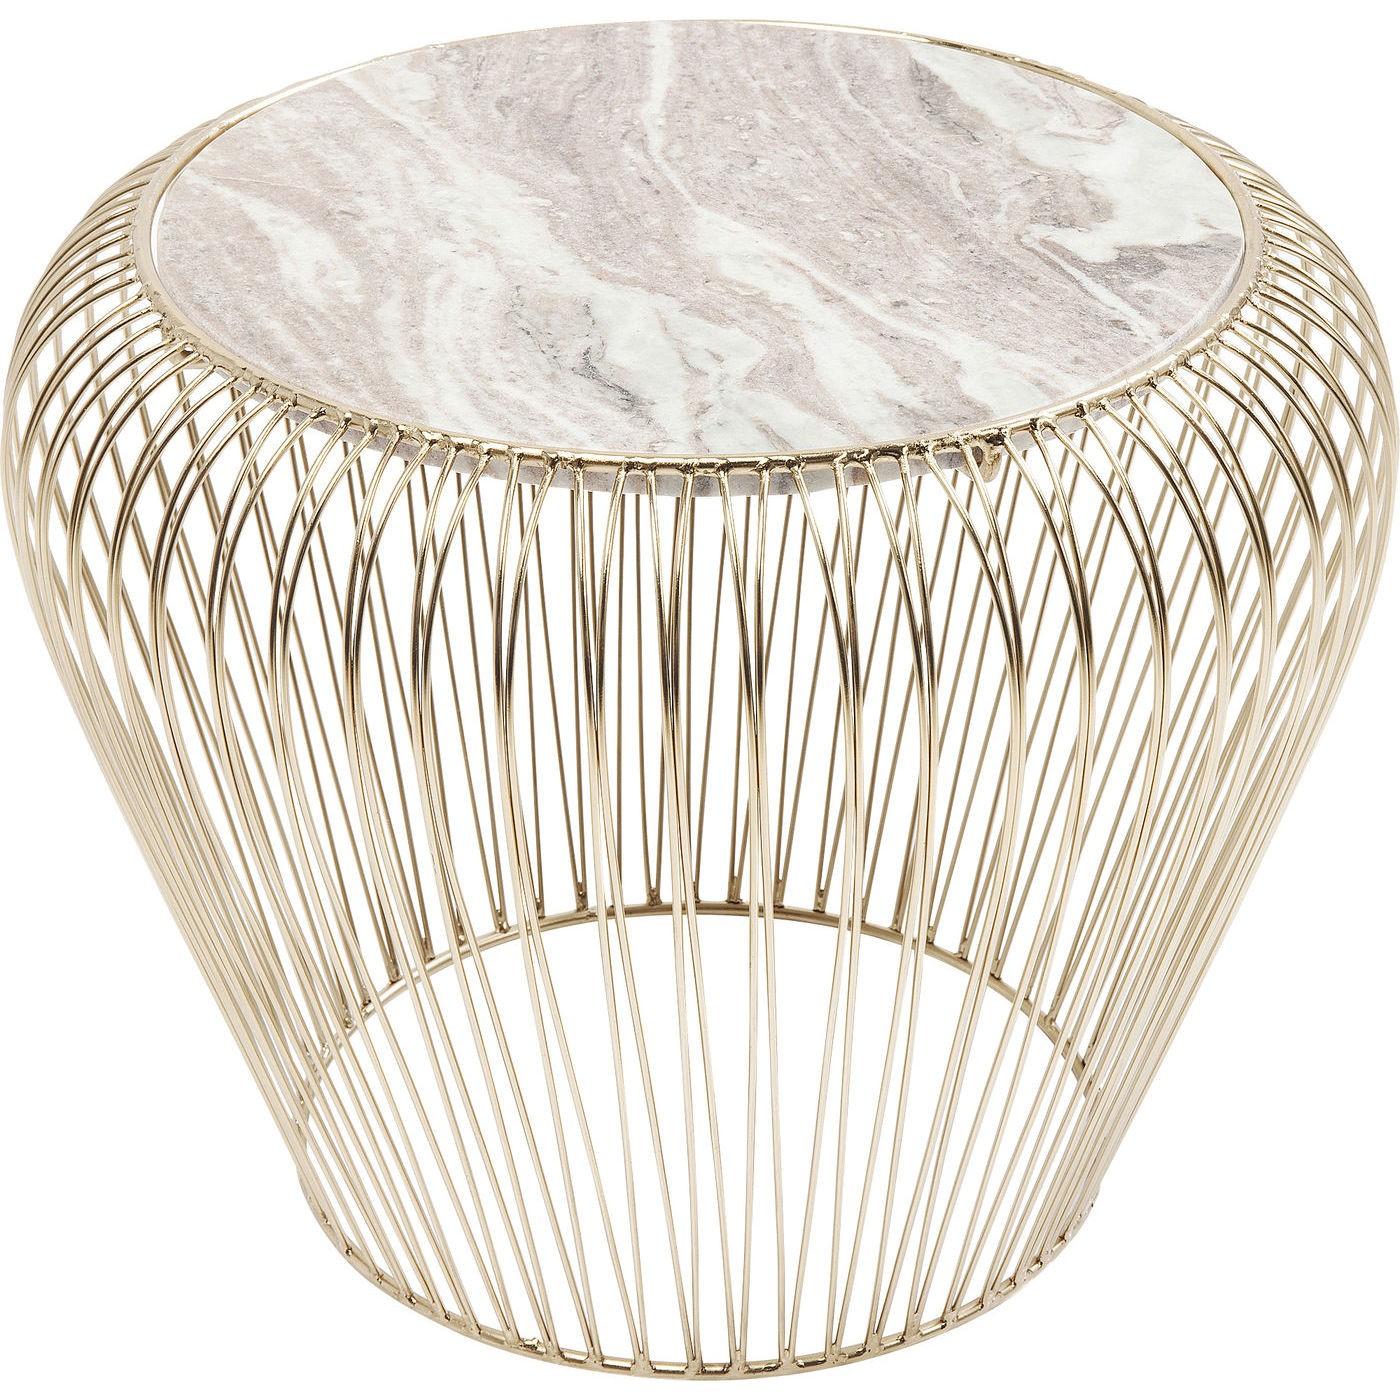 Table d'appoint ronde en marbre gris et acier doré